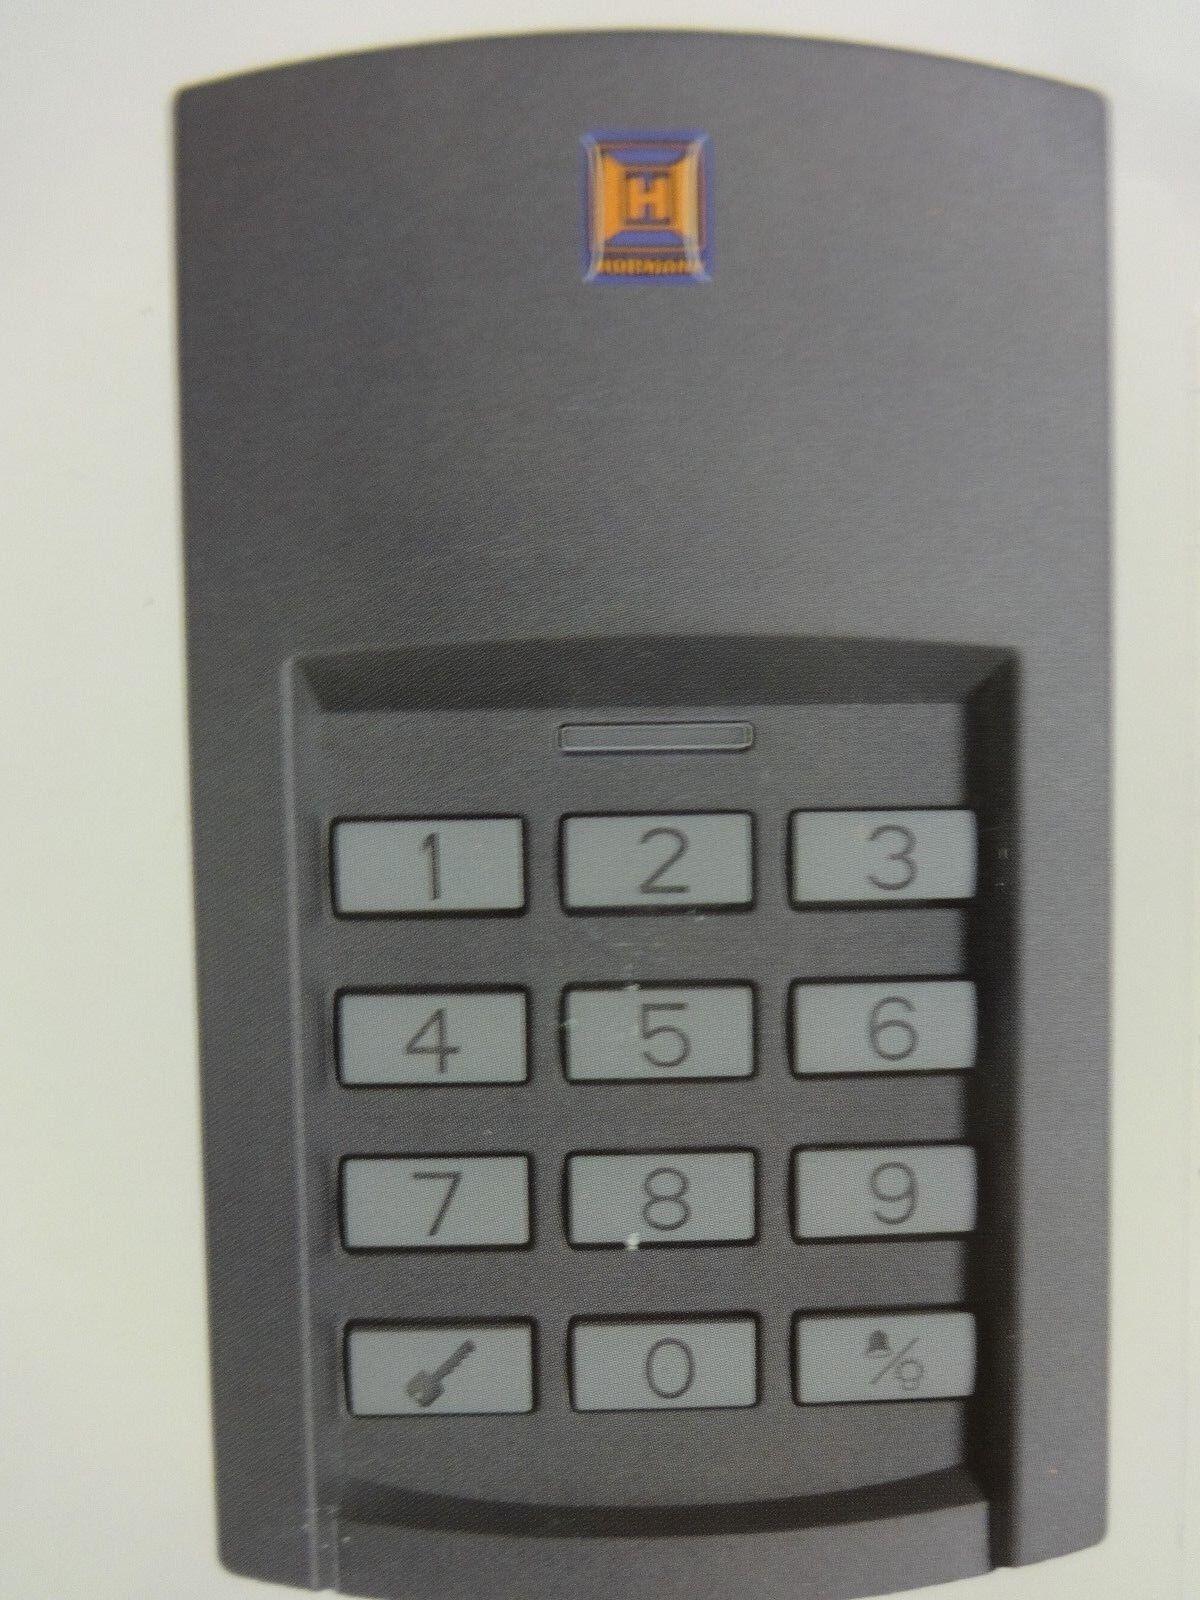 Hörmann Funkcodetaster FCT 3 BS - 868 Mhz - BiSecur